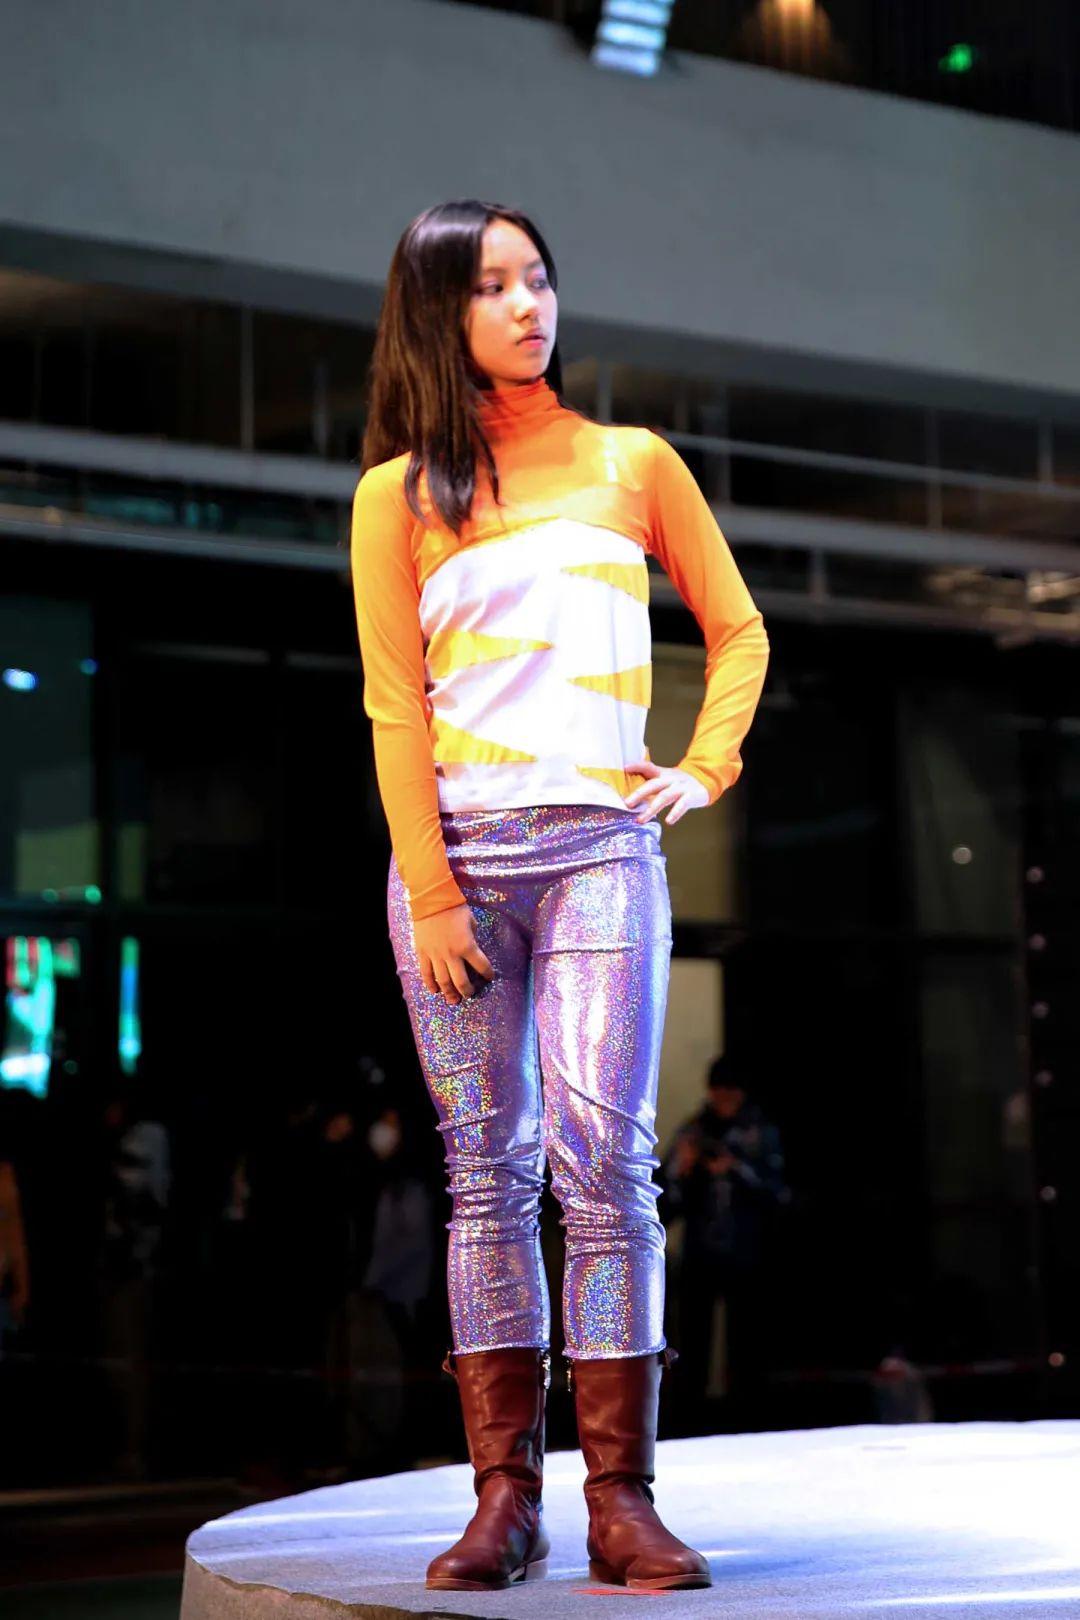 深国交2021 Fashion Show - 校园活动 疫情之下的时尚  深国交 深圳国际交流学院 第5张